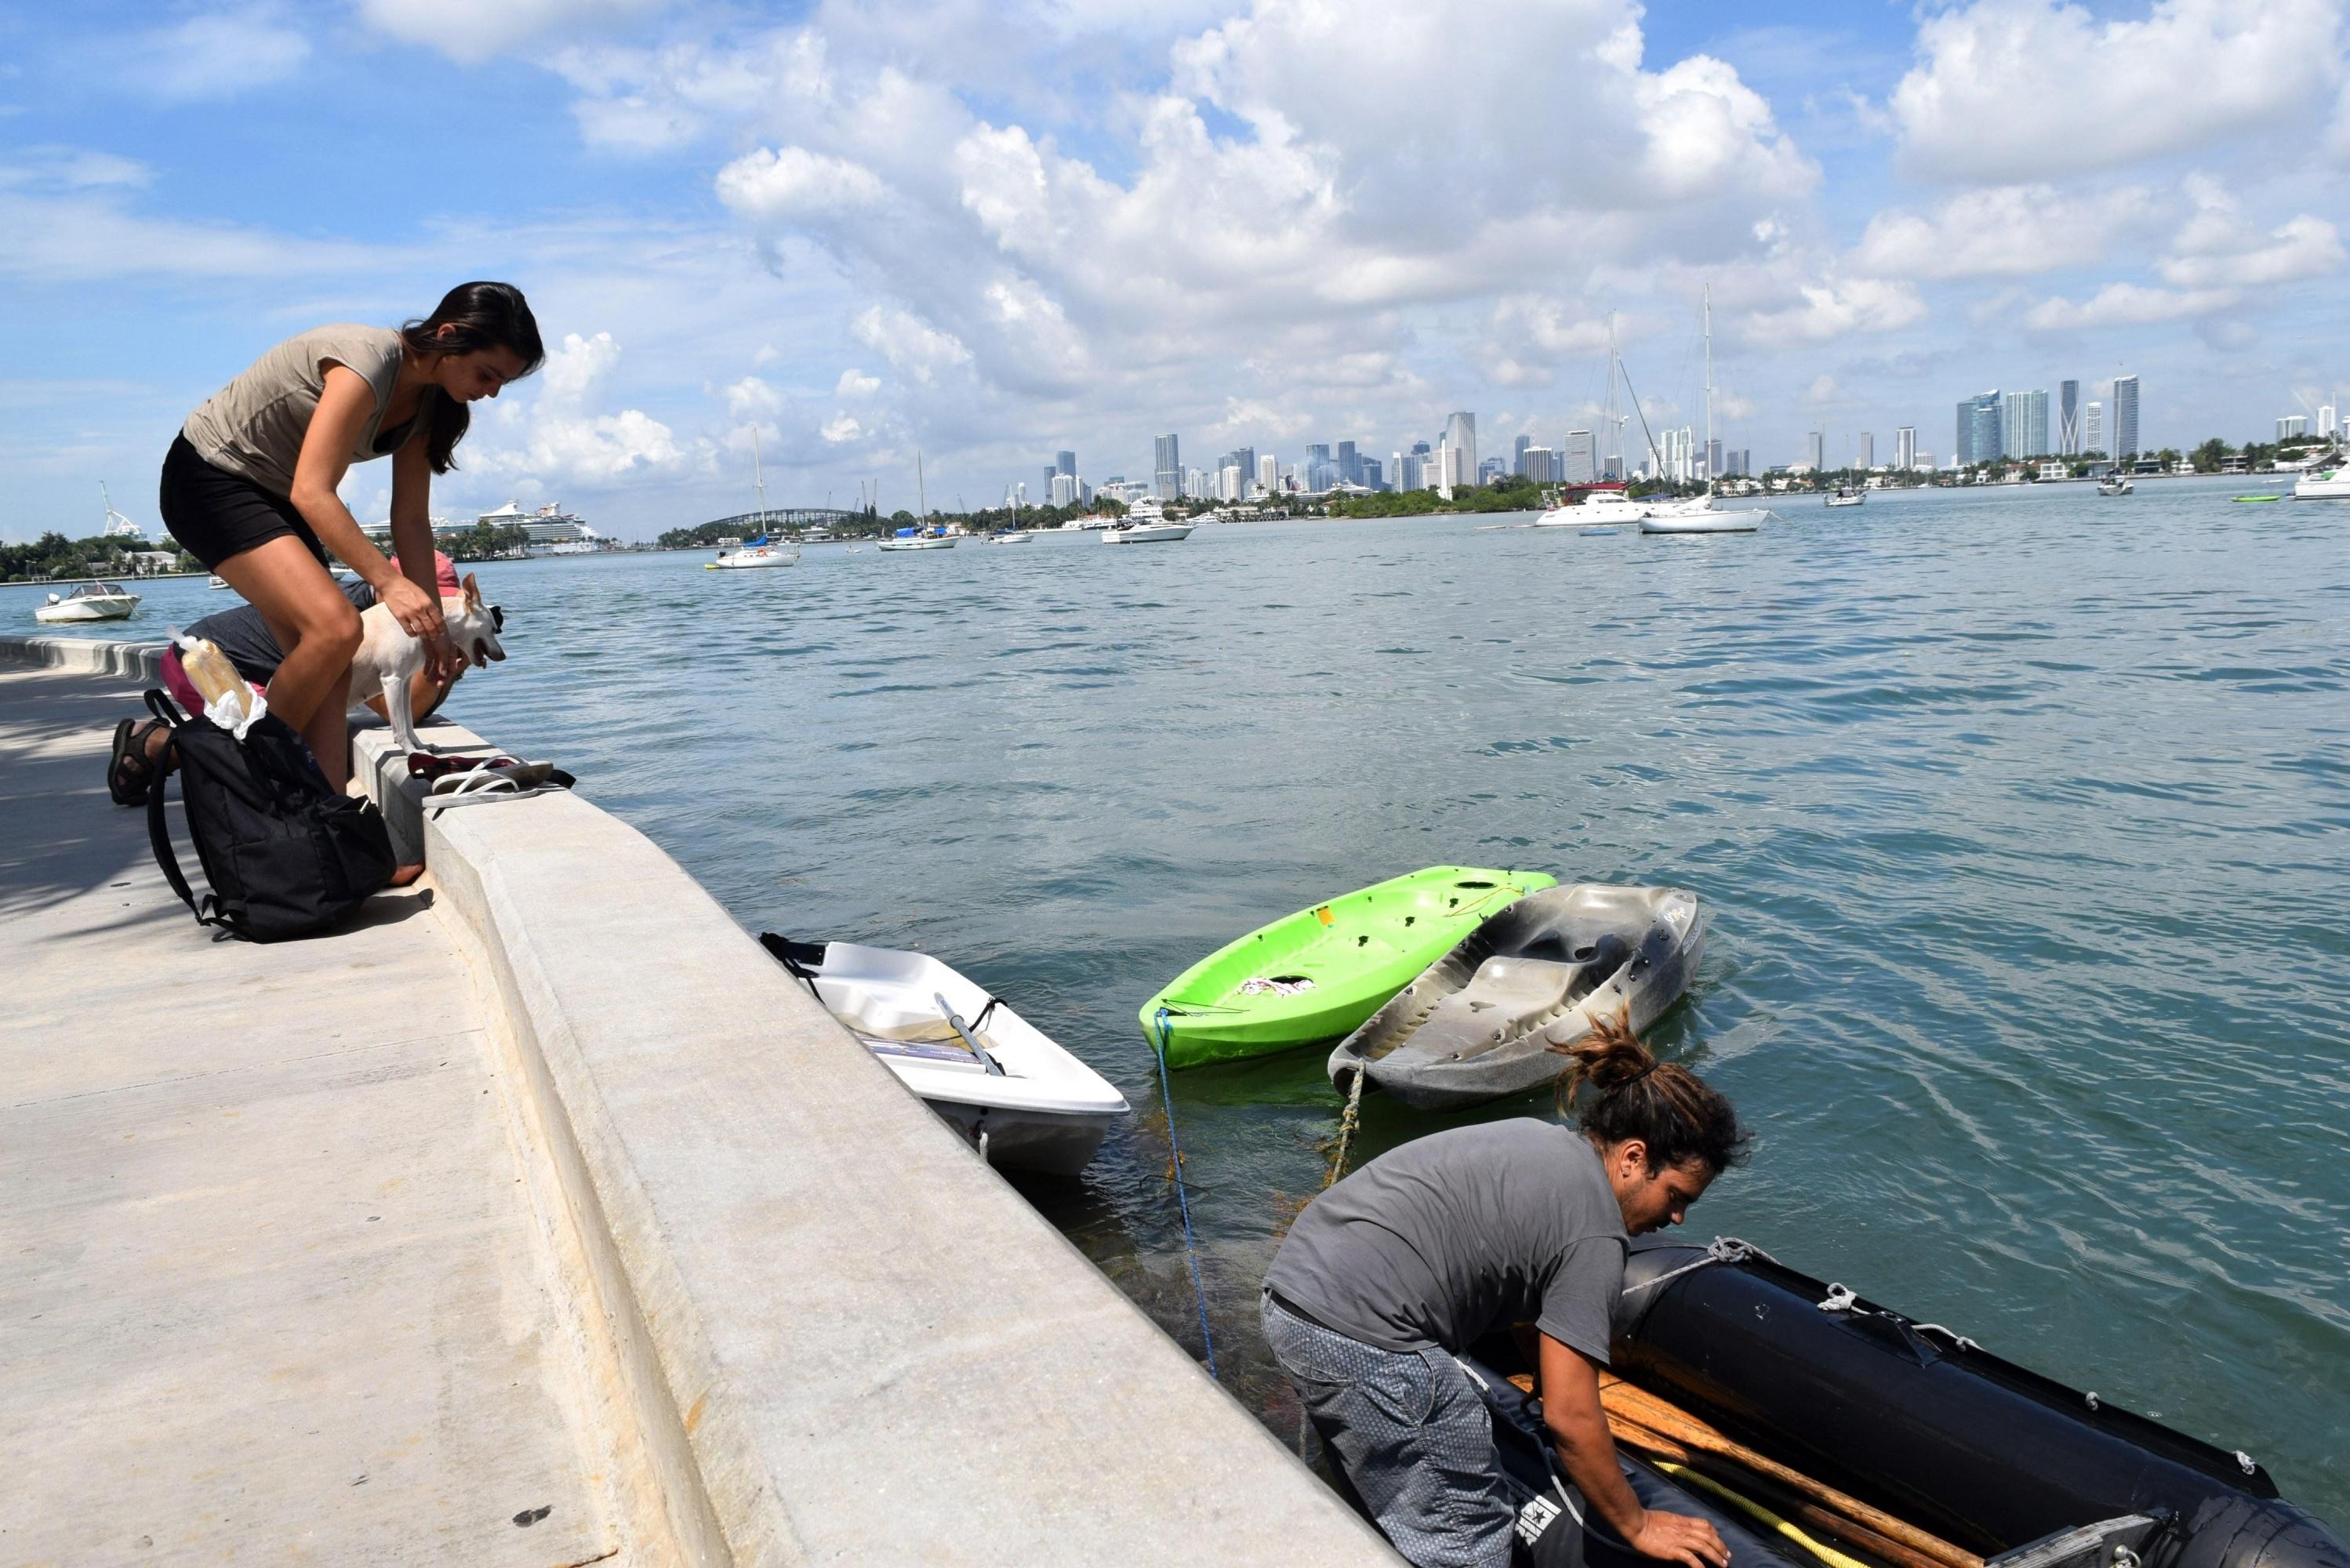 La reparación del barco, dice, le costó un sinfín de problemas. (EFE)